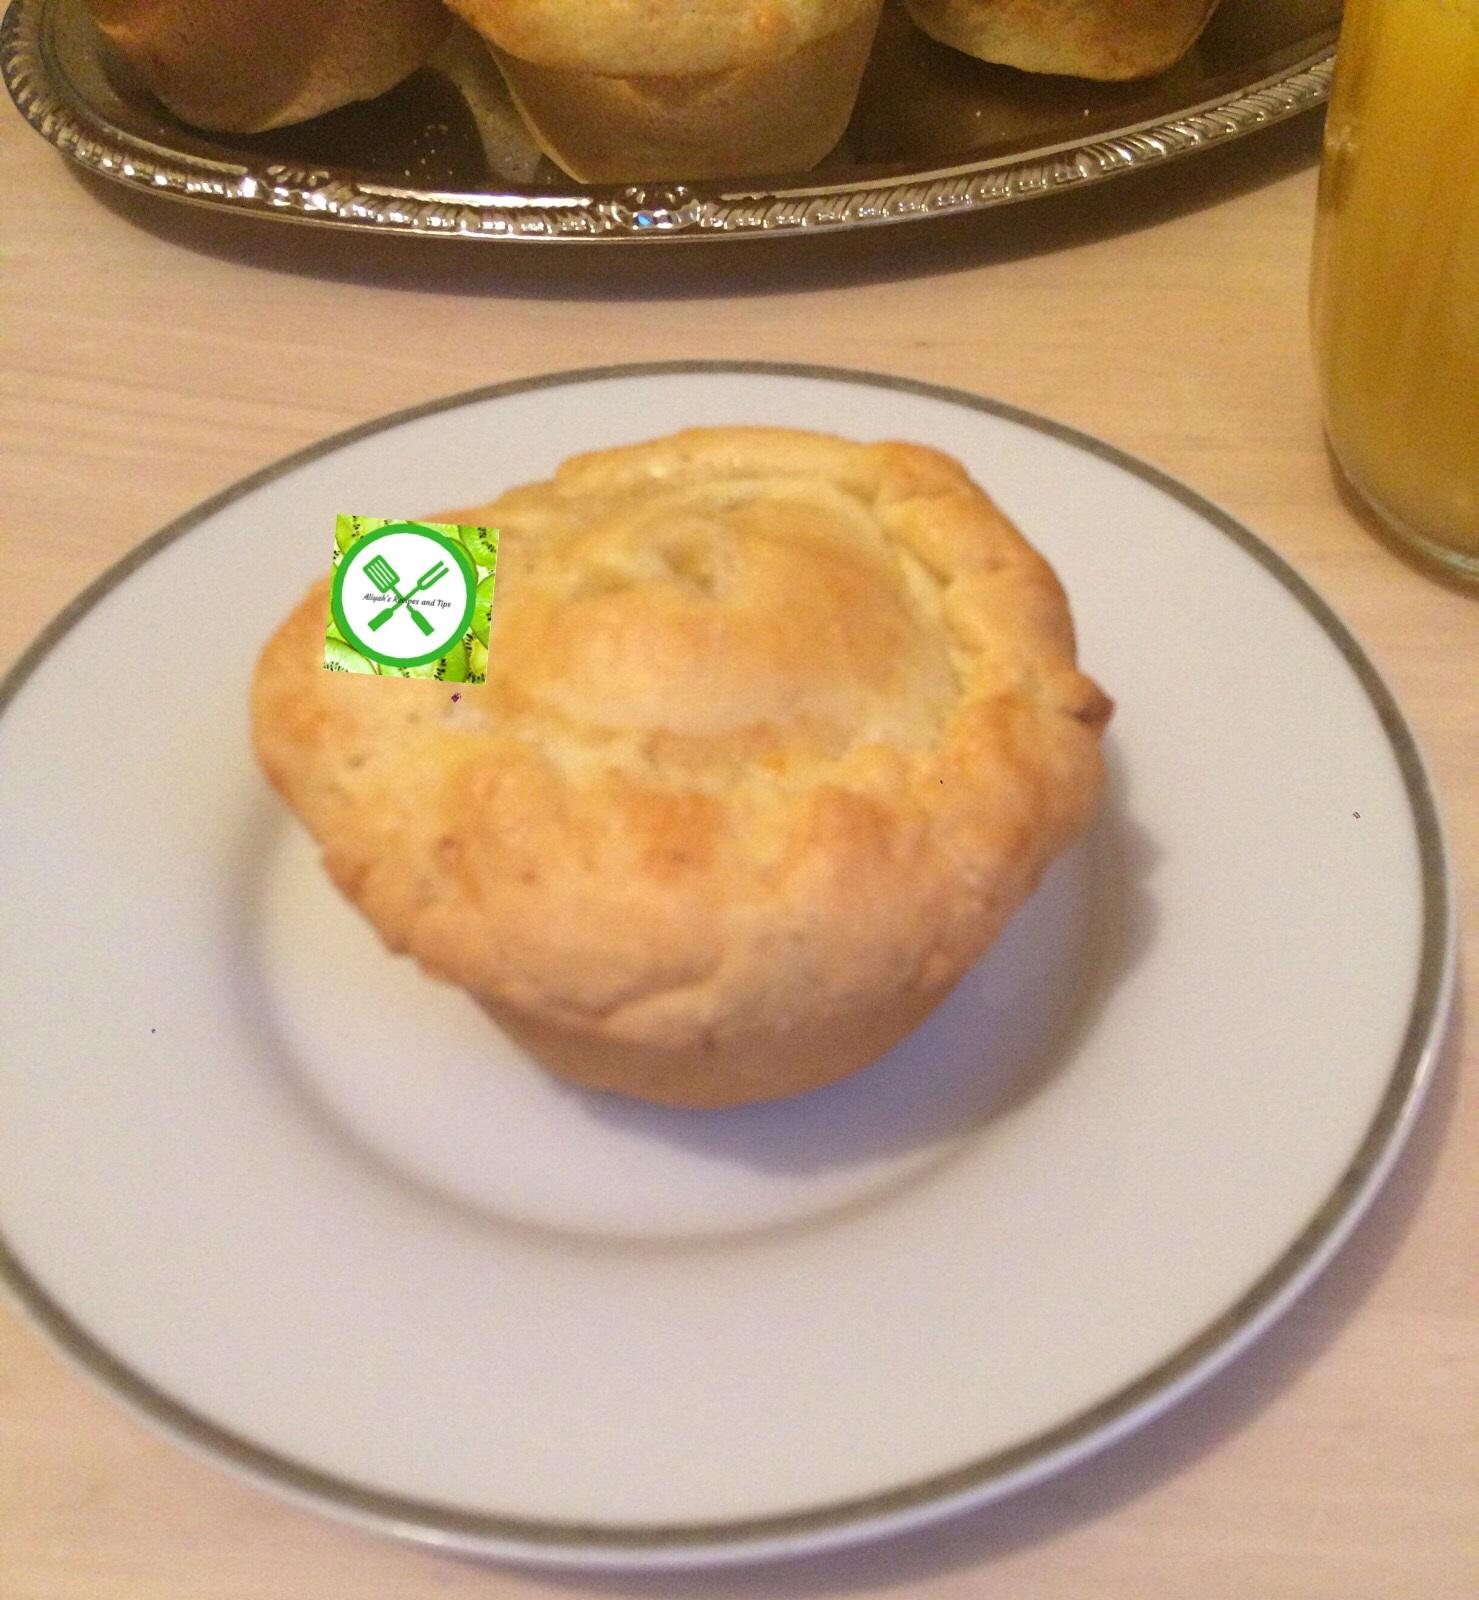 Muffin apple pie